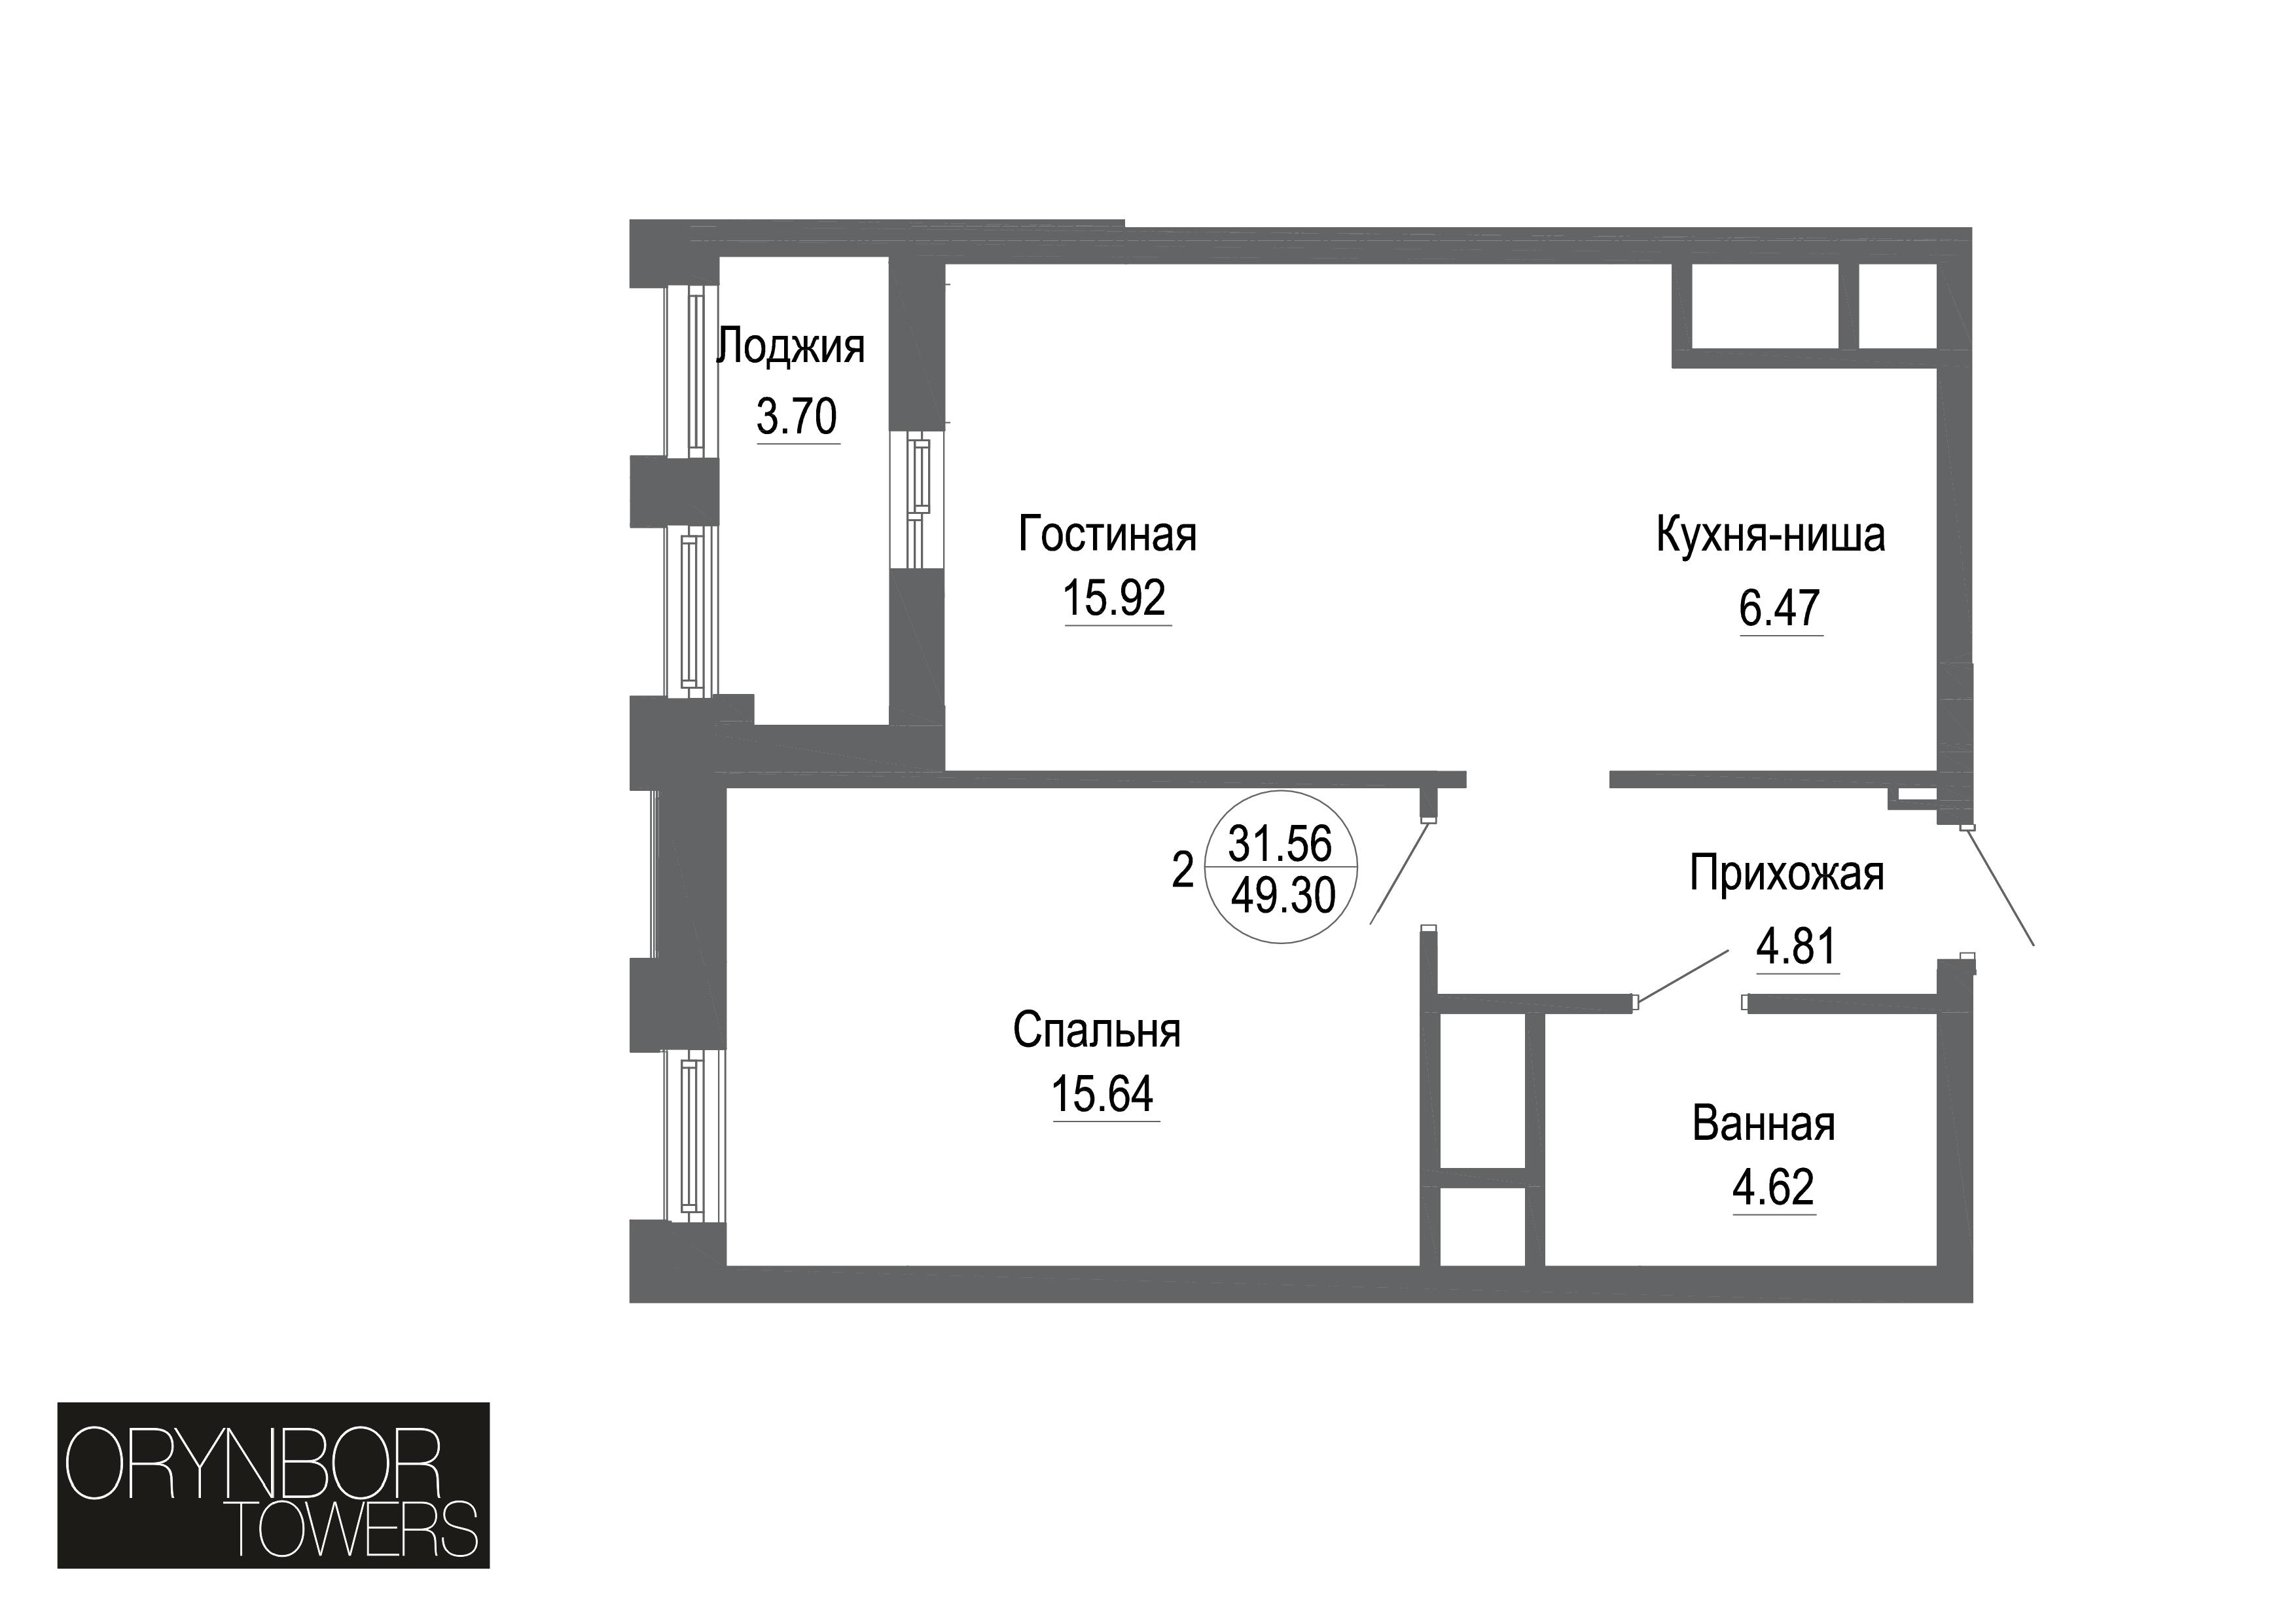 Блок 13, Пәтер 133